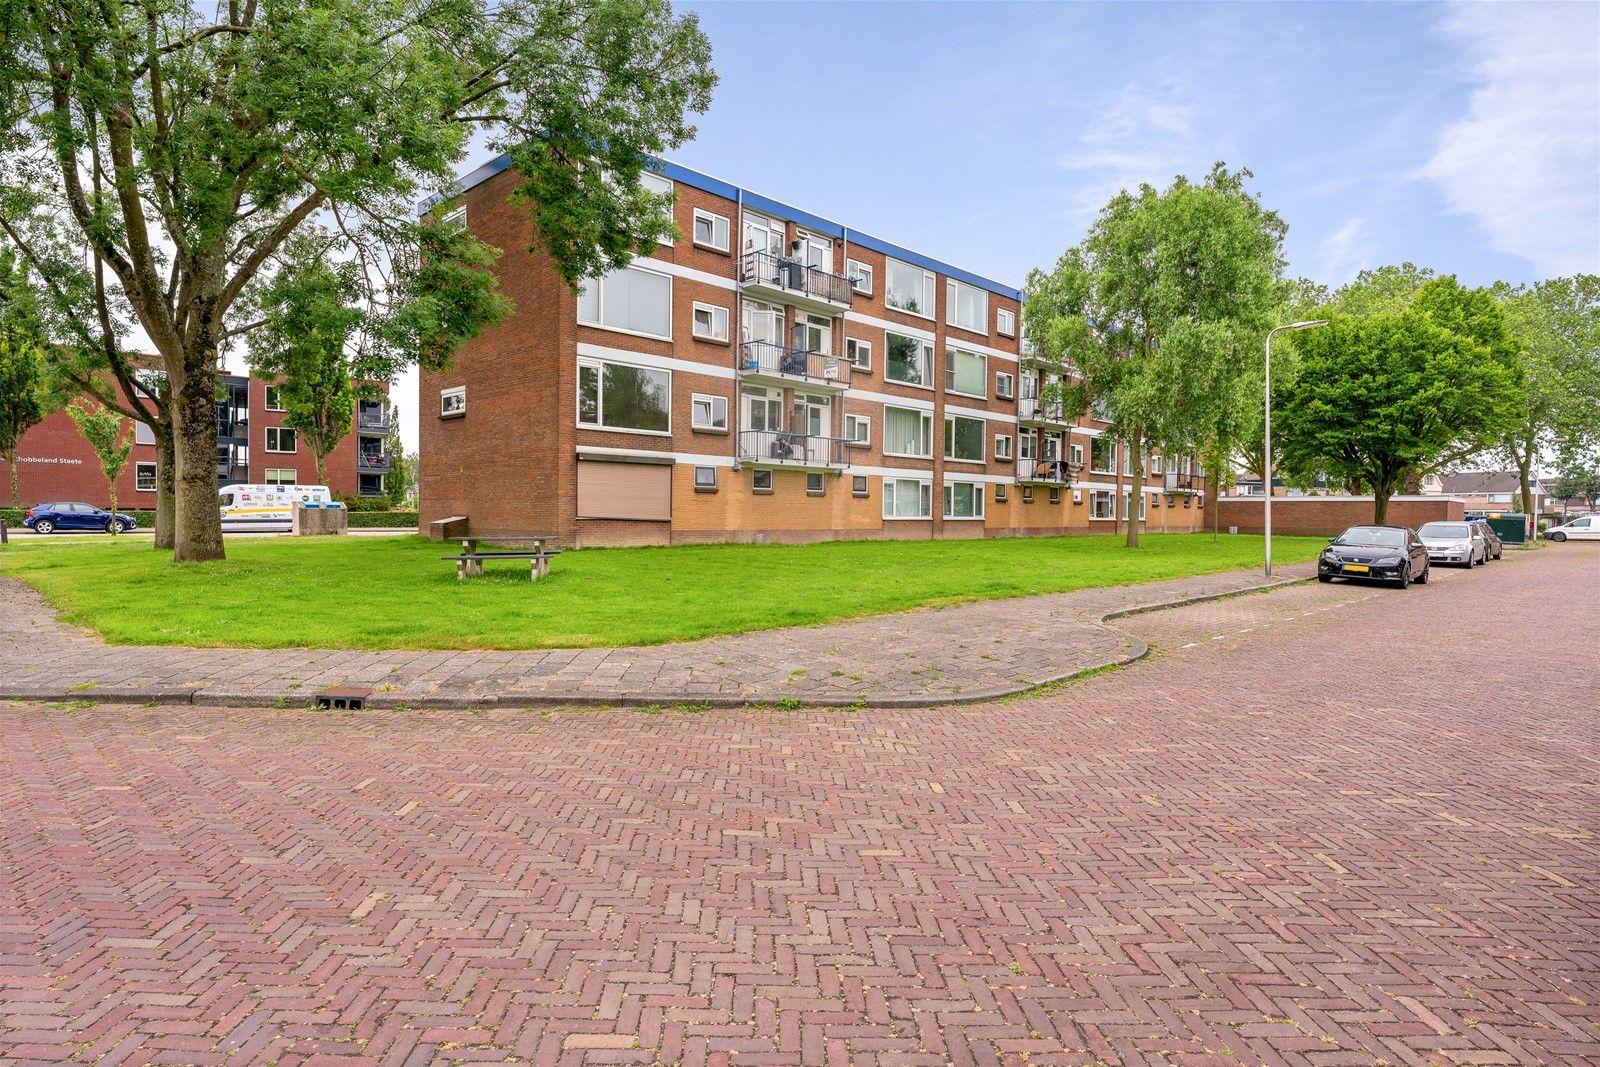 Johannes Poststraat 9, Zwijndrecht